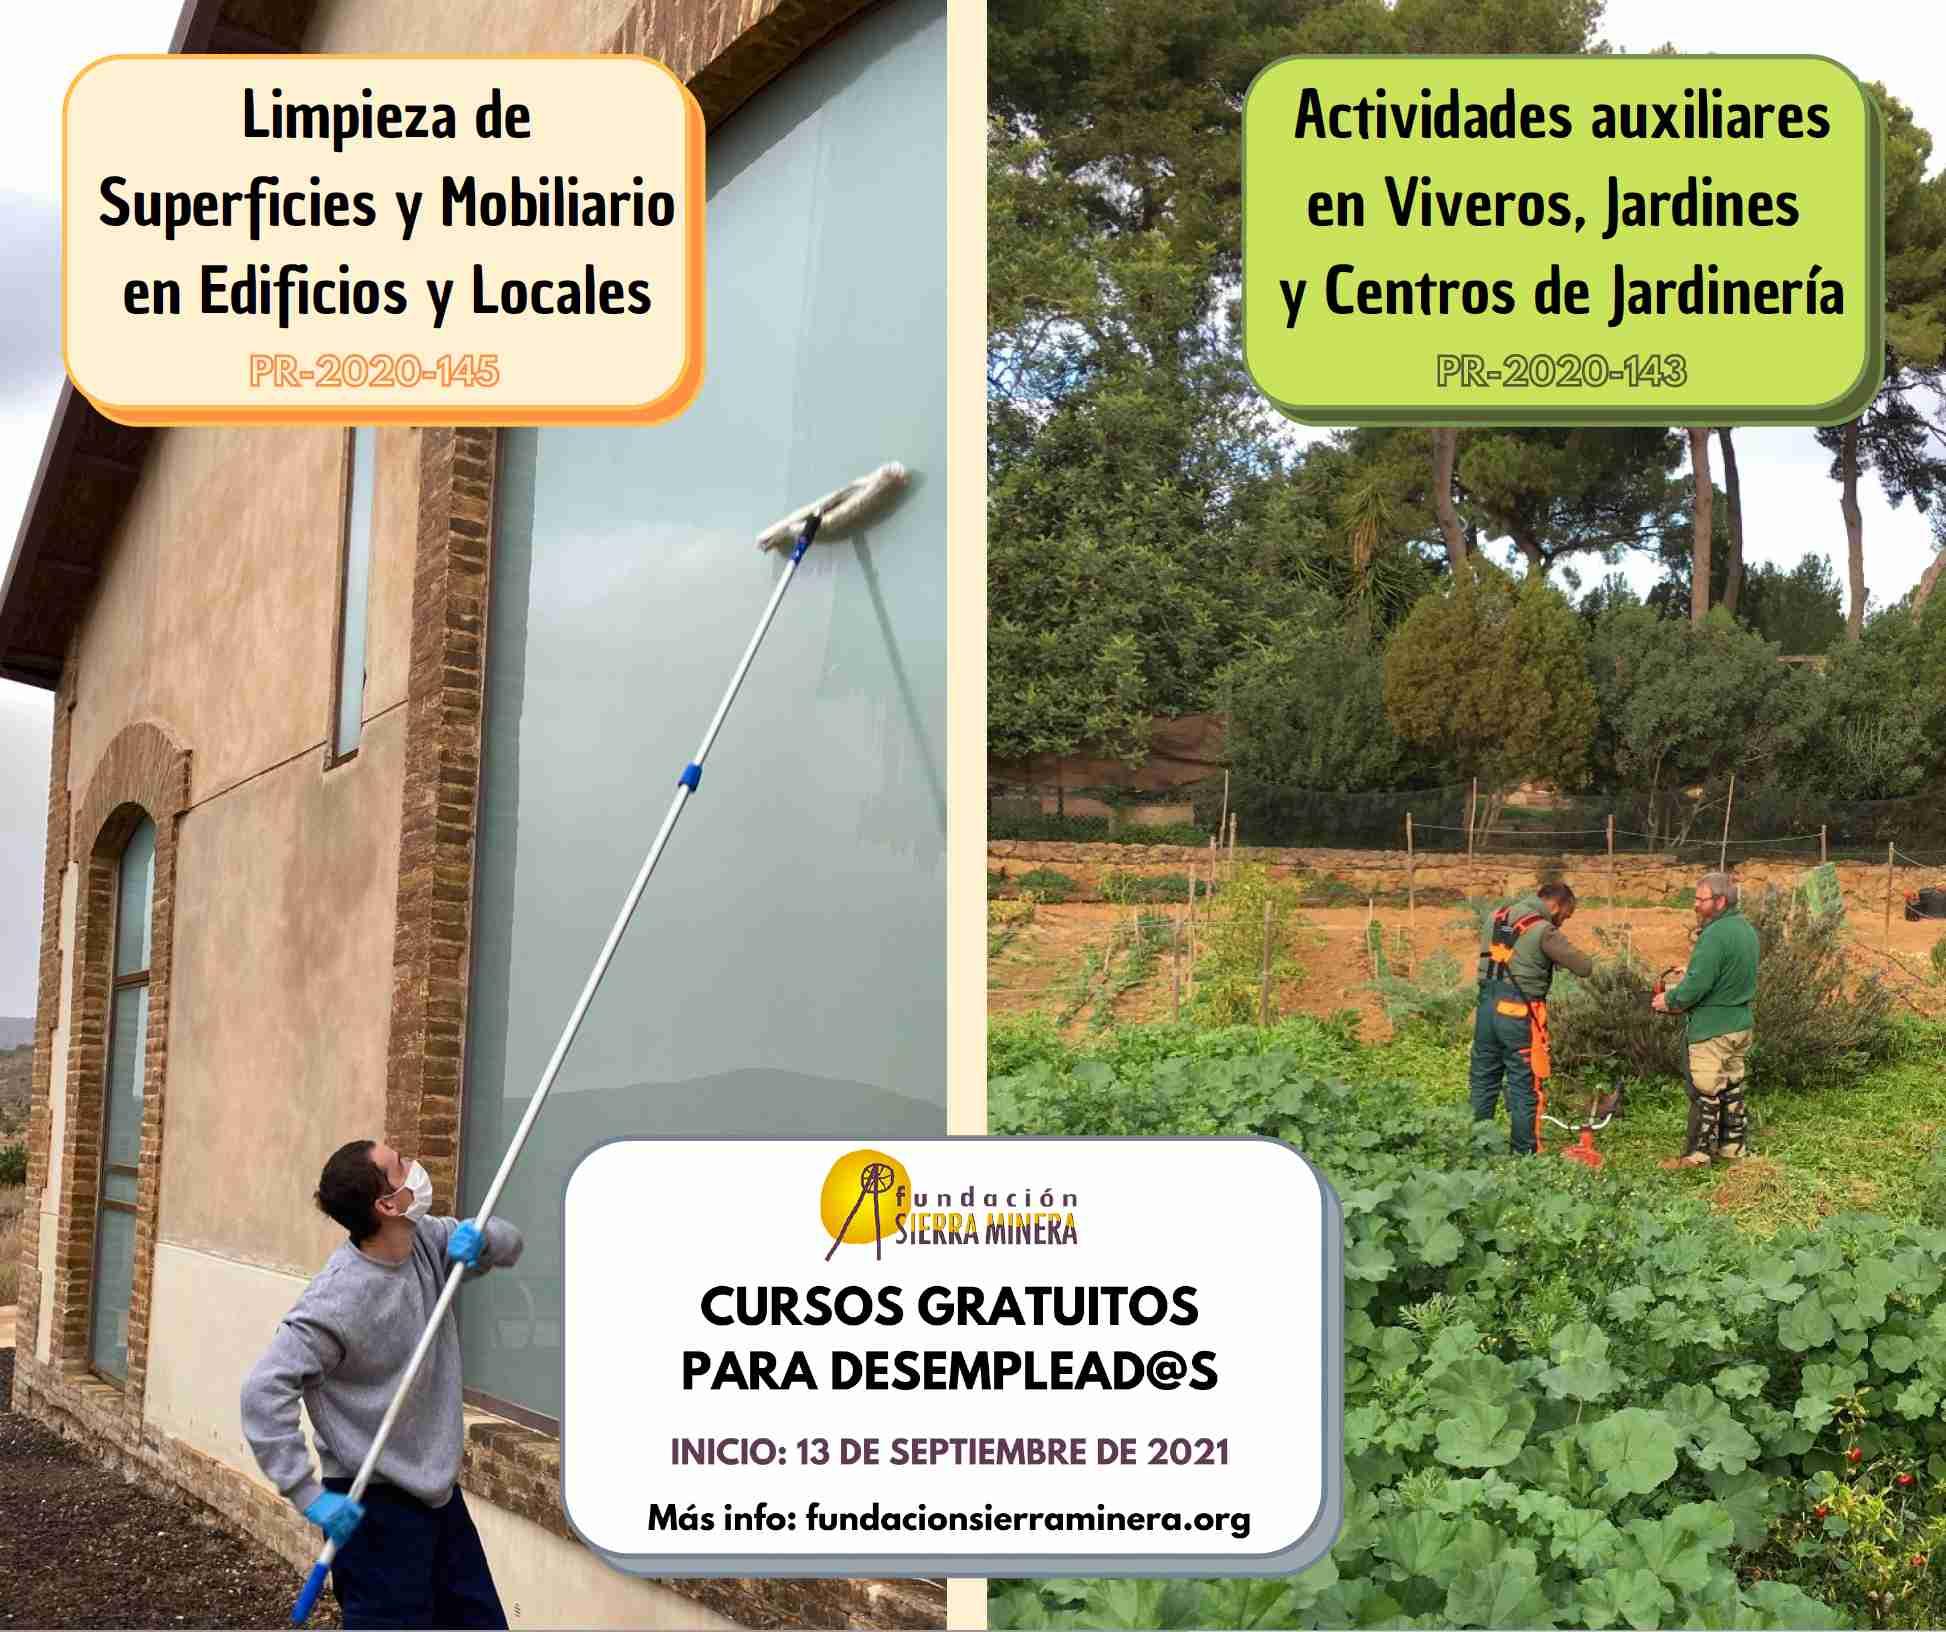 Abierto el plazo de inscripción de los cursos gratuitos de jardinería y limpieza